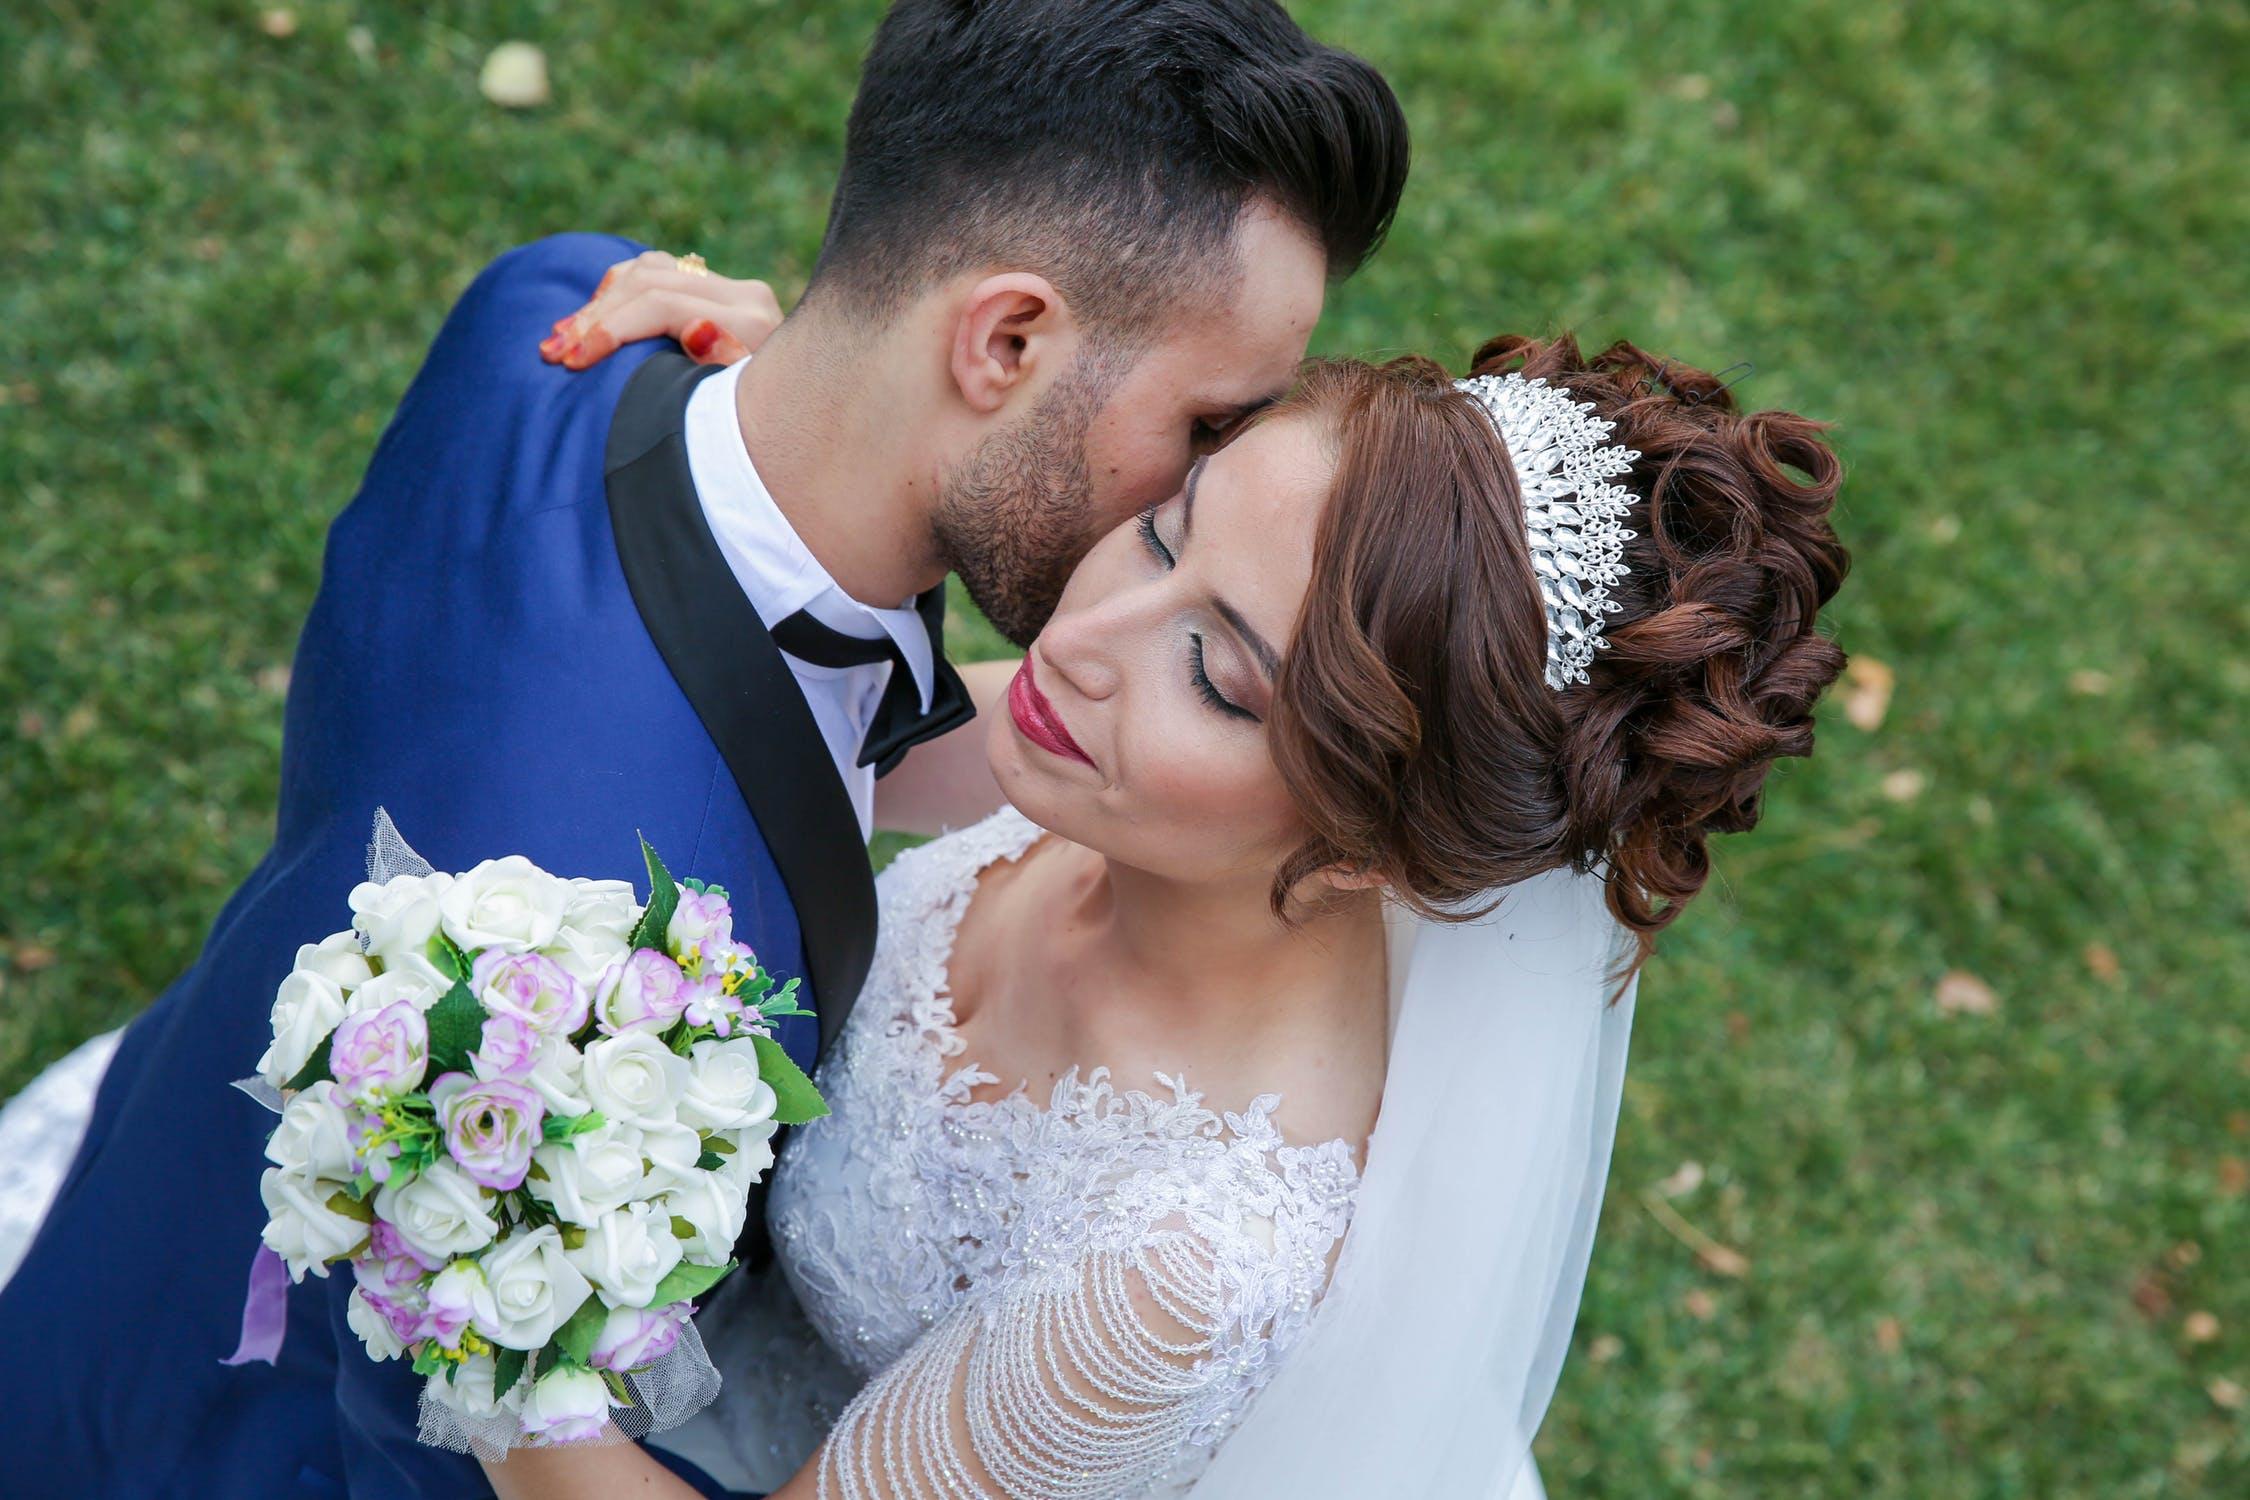 Wedding Blunders to Avoid